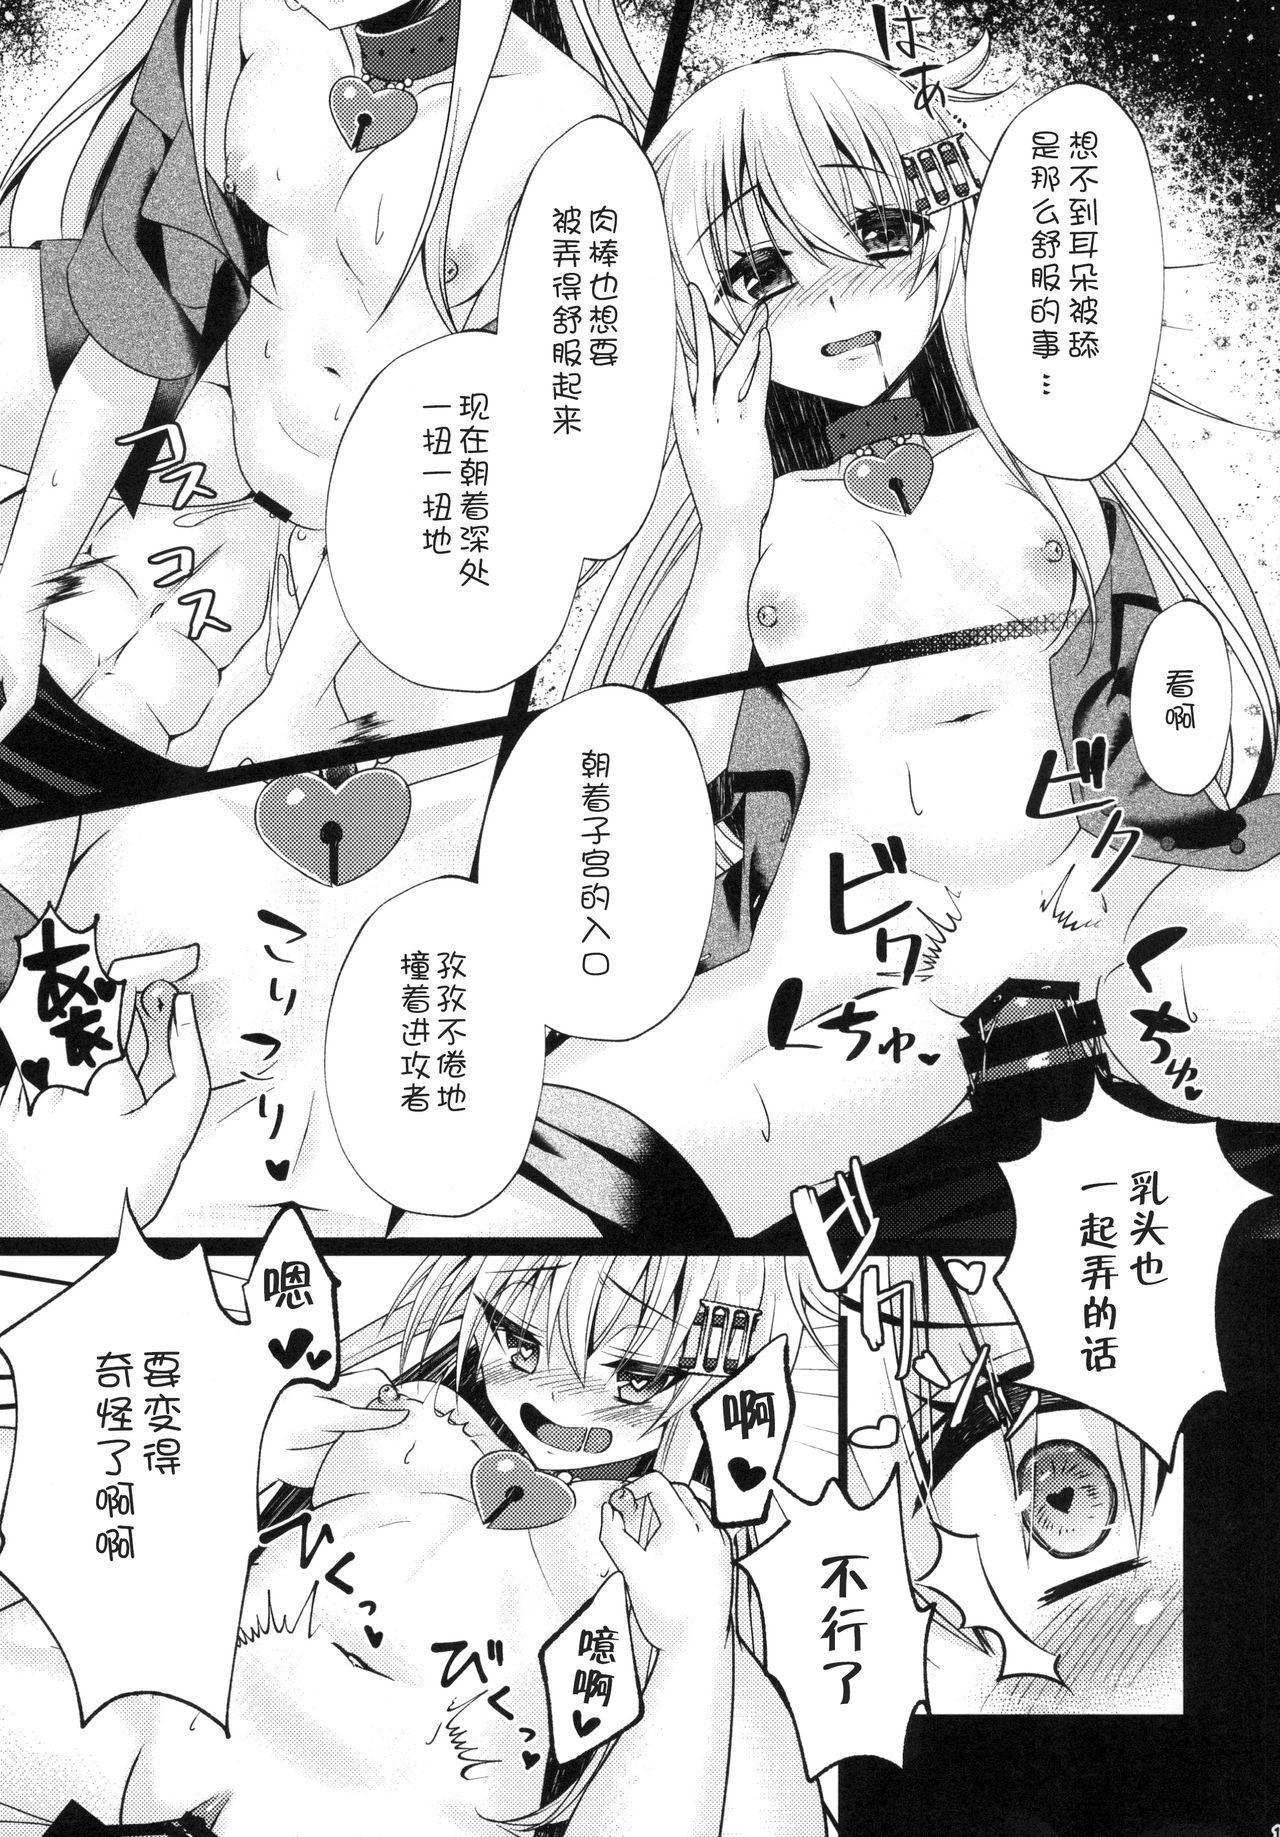 Futon no Naka de Hibiki o Okashita 14